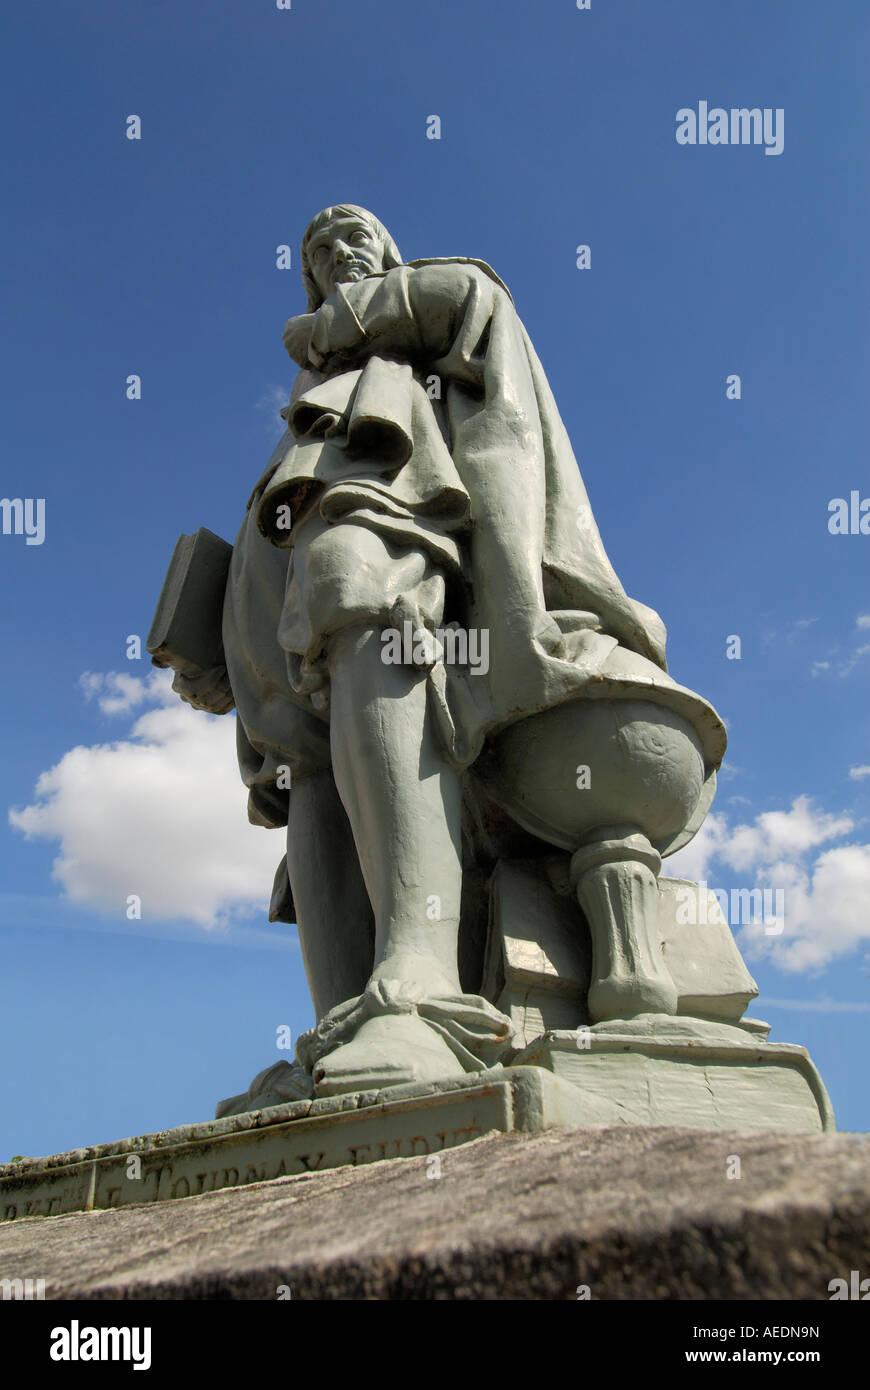 Bronze statue of philosopher René Descartes, Descartes, sud Touraine, France. Stock Photo